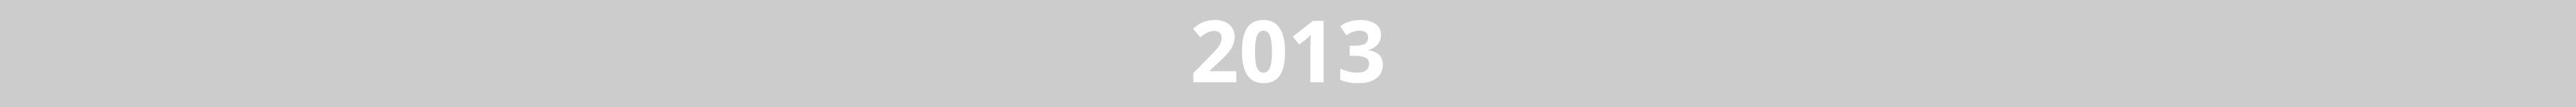 awards2013-gray.jpg